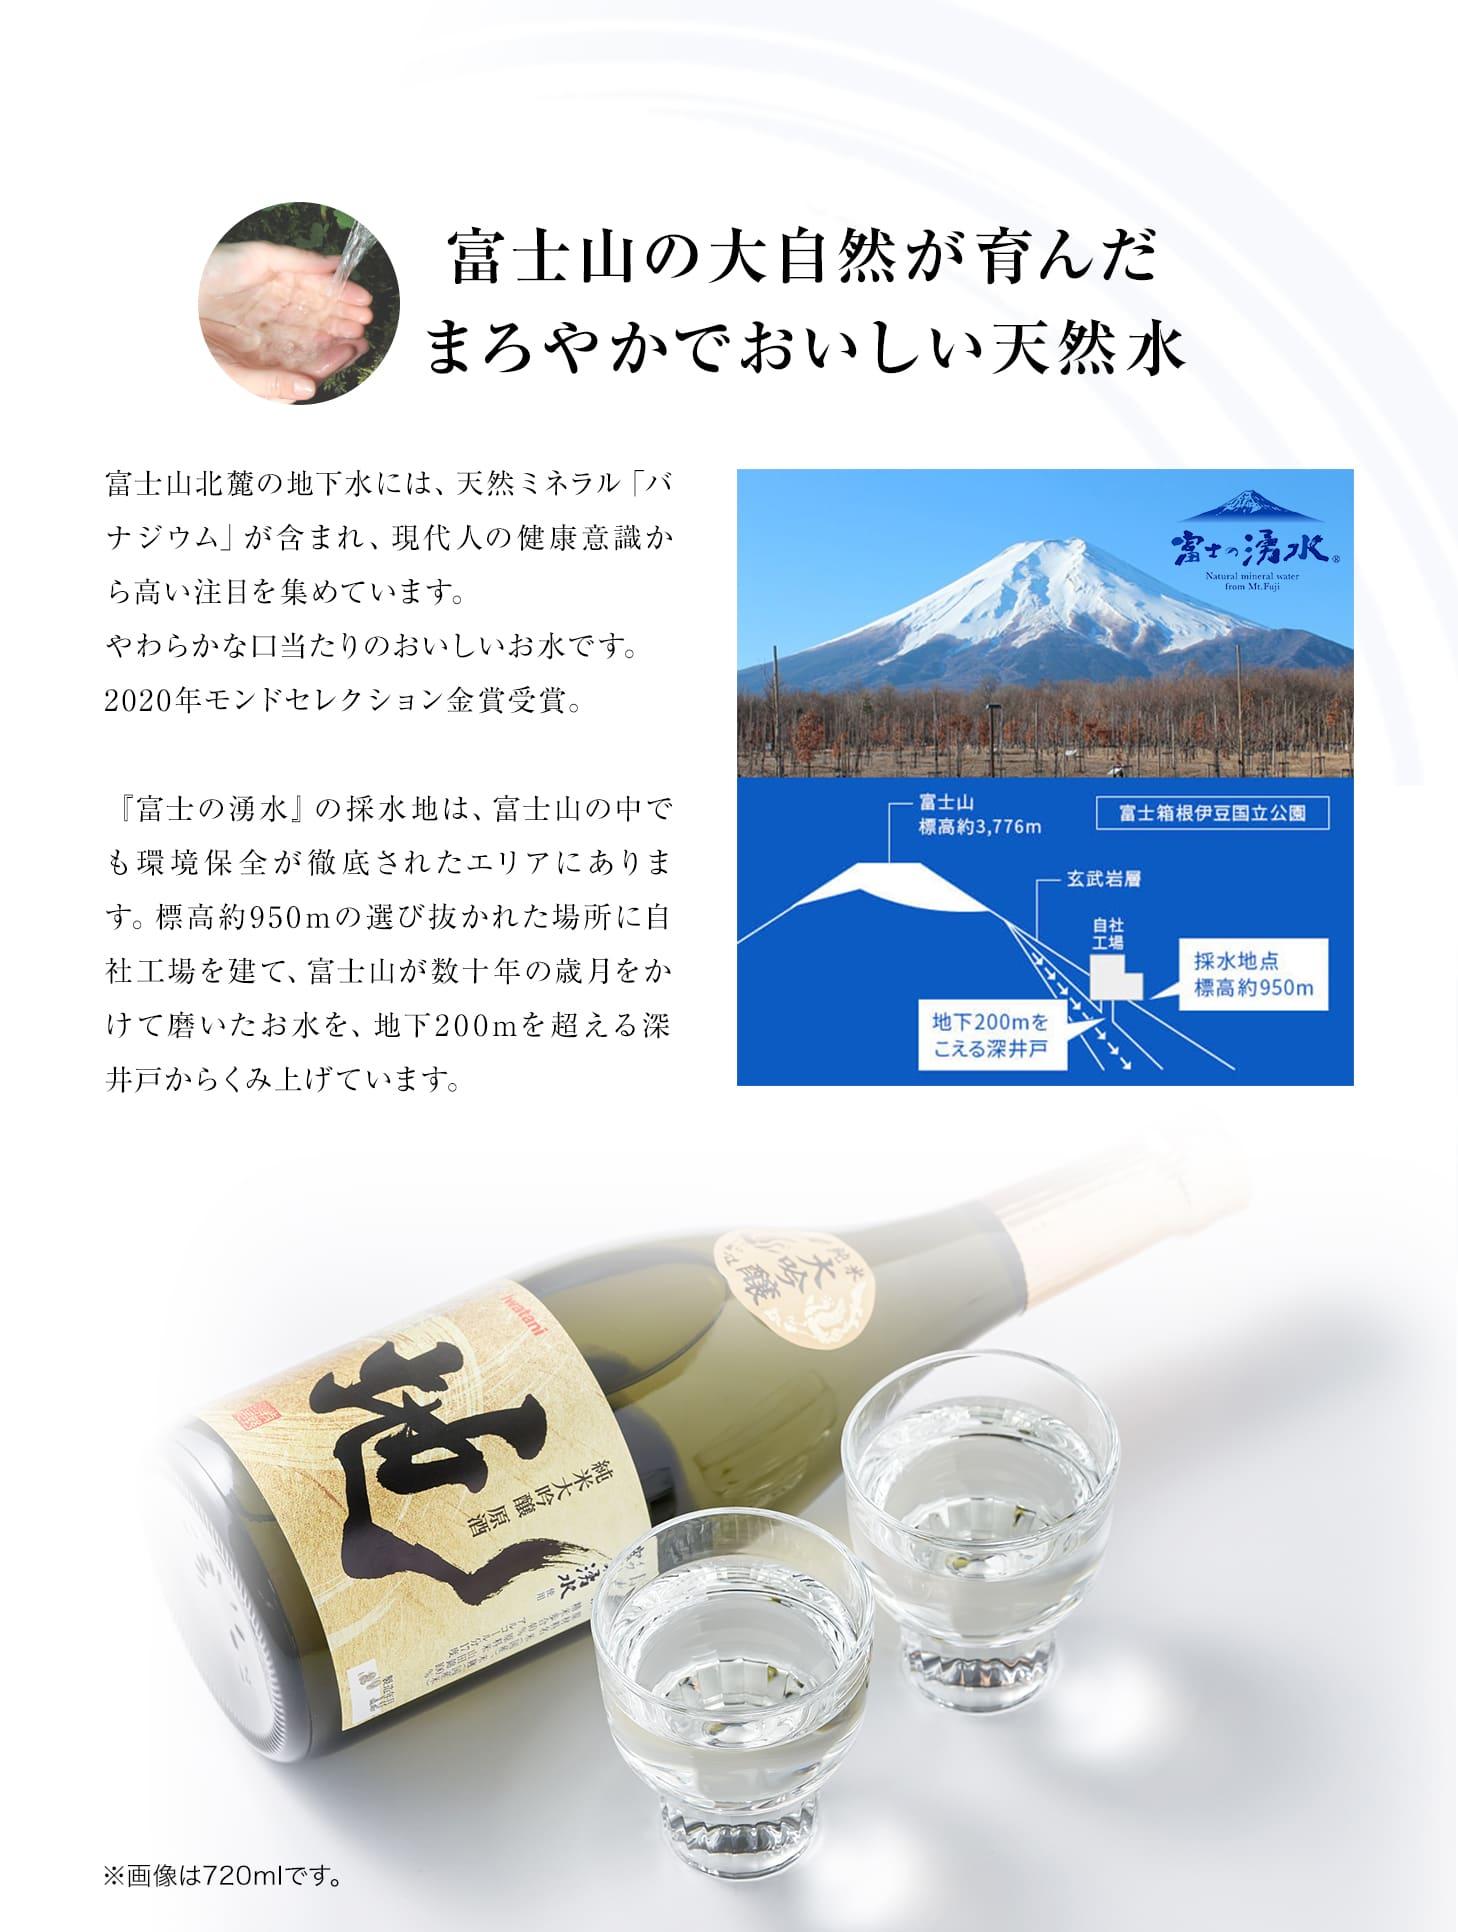 富士山の大自然が育んだまろやかでおいしい天然水